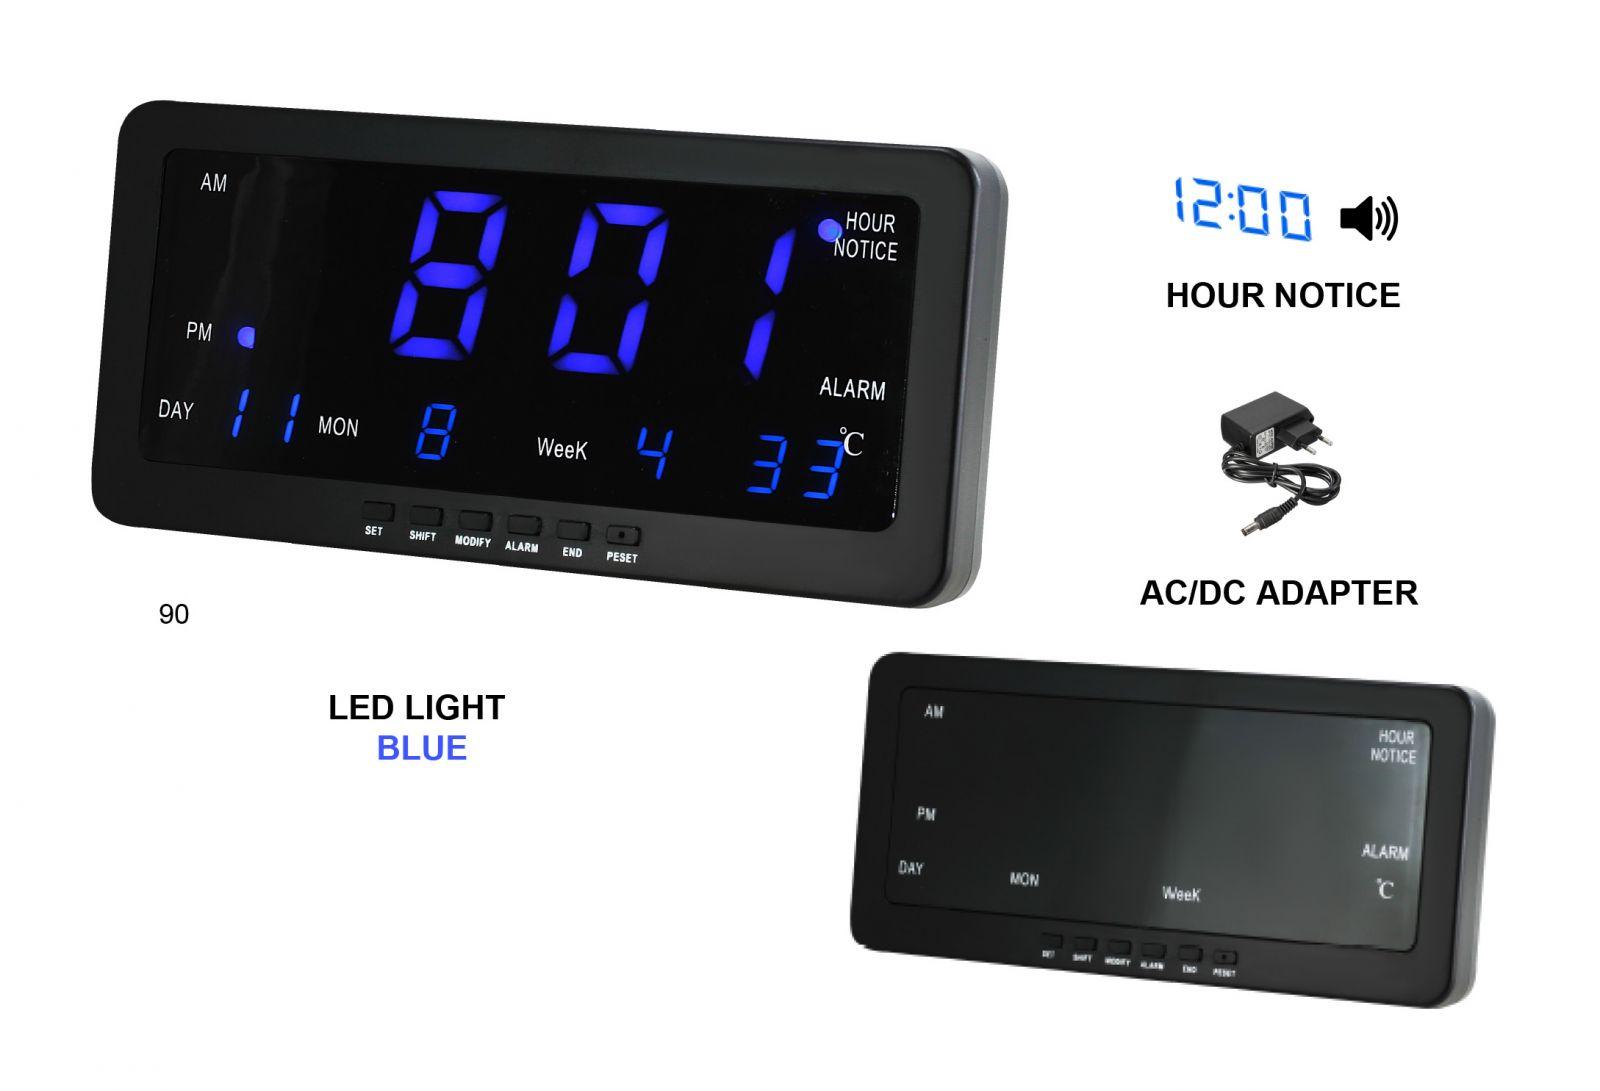 Digitální budík s modrými LED diodami, datem a teploměrem k postavení na stůl nebo pověšení na zeď s možností melodie každou celou hodinu.0108